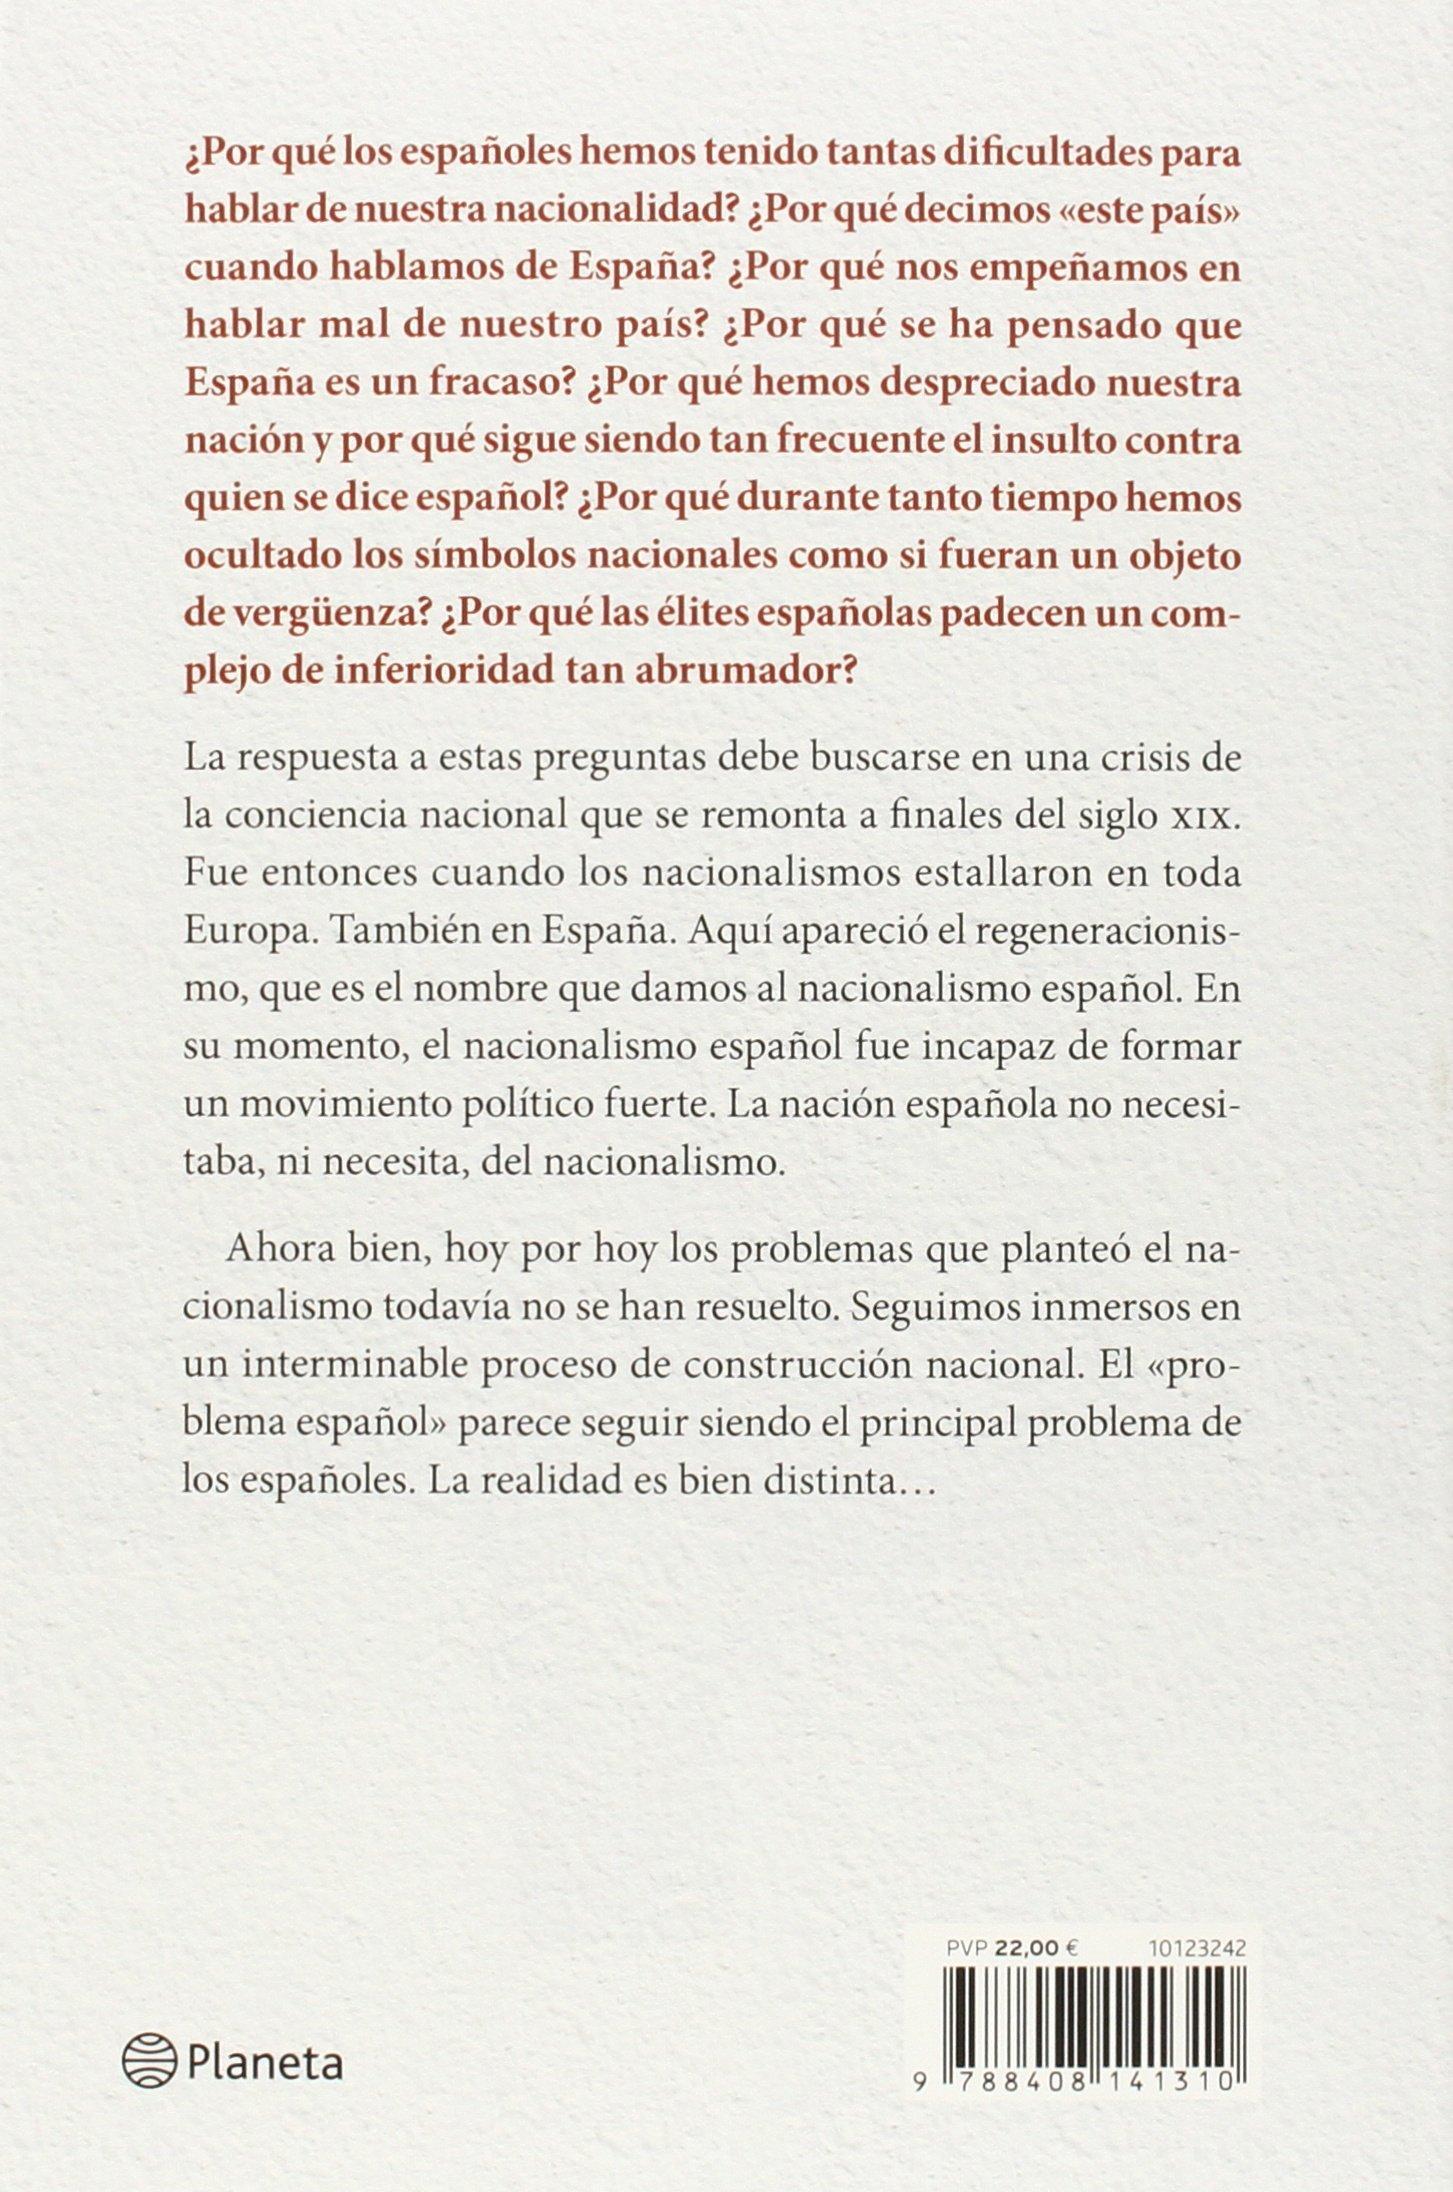 Sueño y destrucción de España: Los nacionalistas españoles 1898-2015 No Ficción: Amazon.es: Marco, José María: Libros